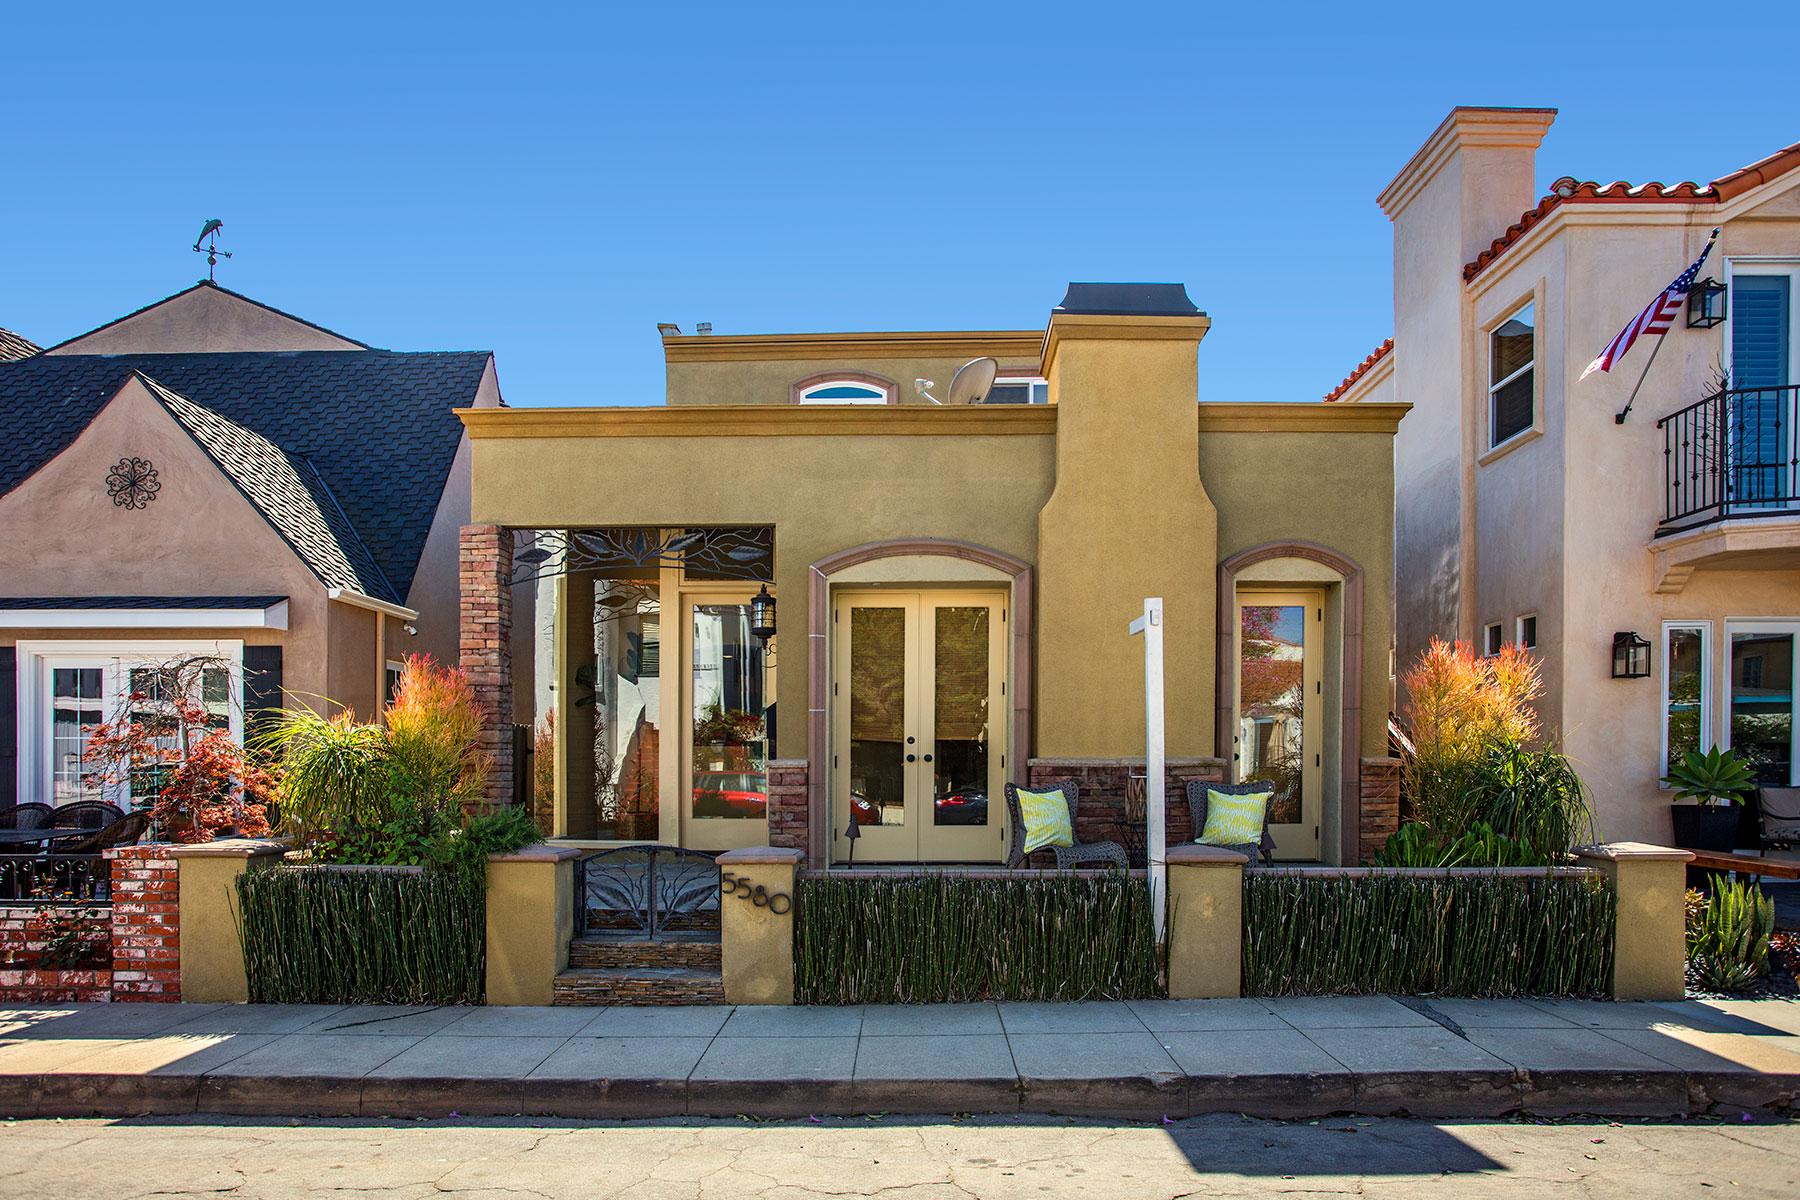 Частный односемейный дом для того Продажа на 5580 E Saint Irmo Long Beach, Калифорния, 5580 Соединенные Штаты